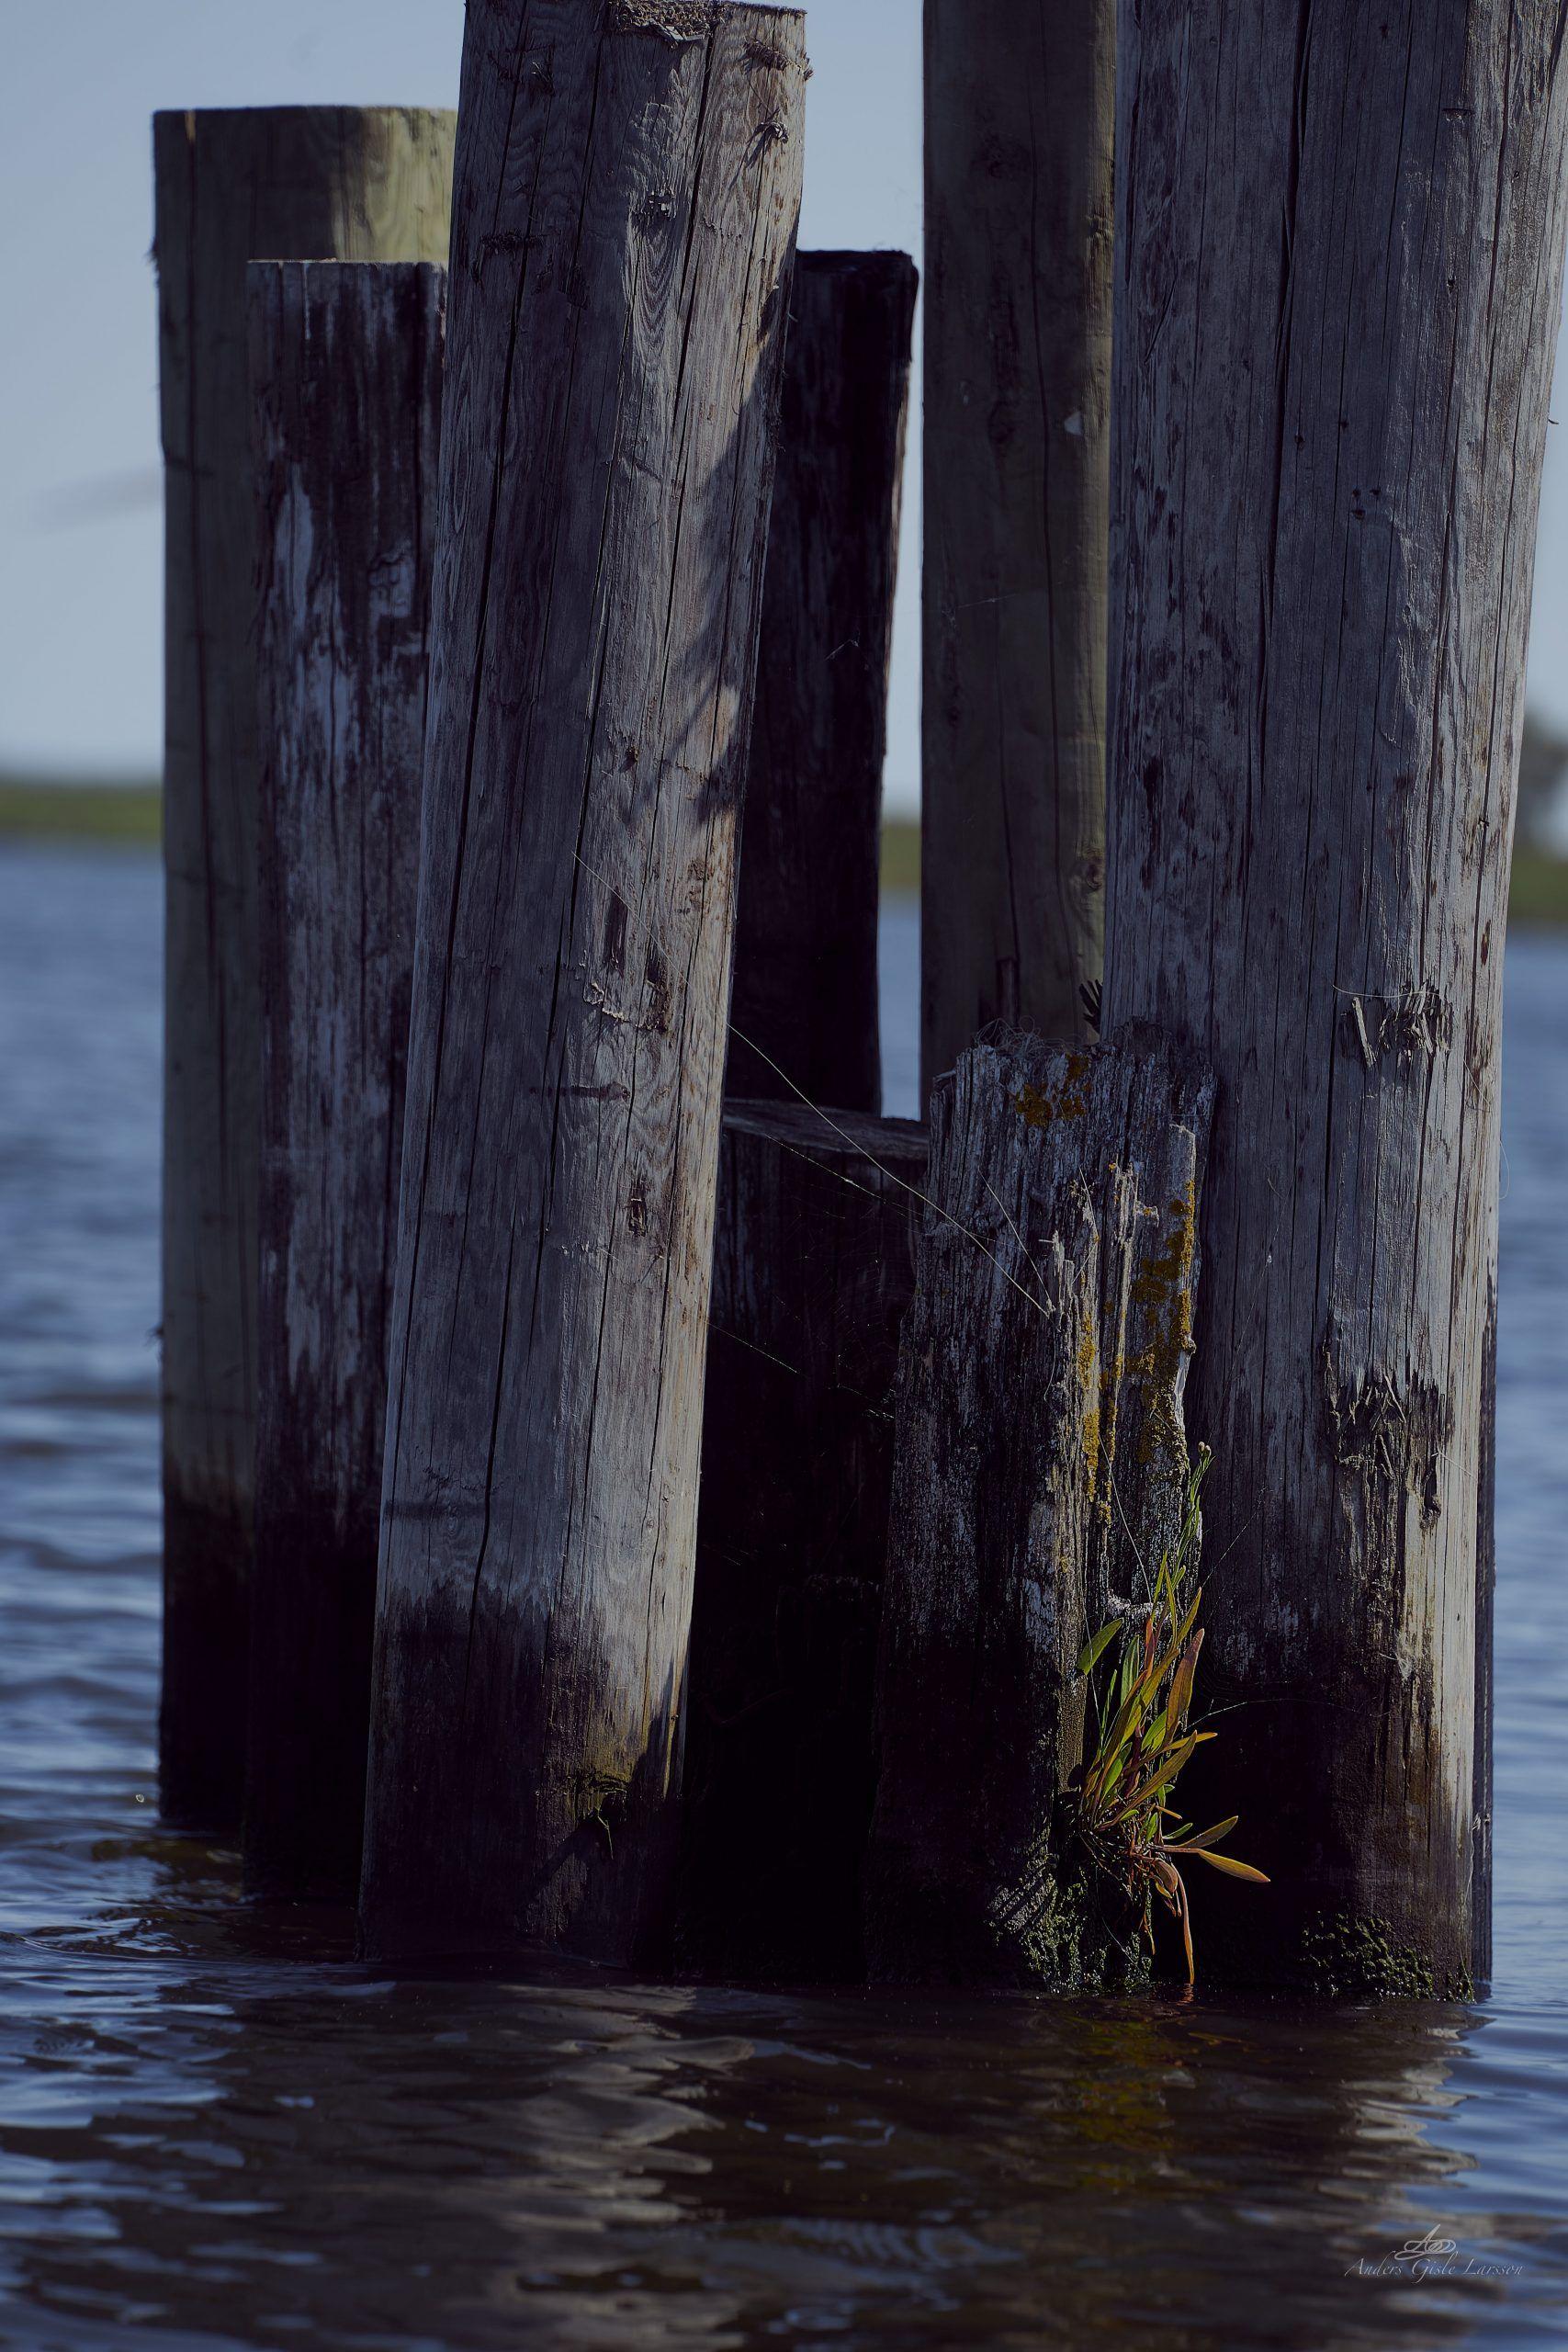 Waterline, 207/365, Uge 30, Randers Fjord, Randers